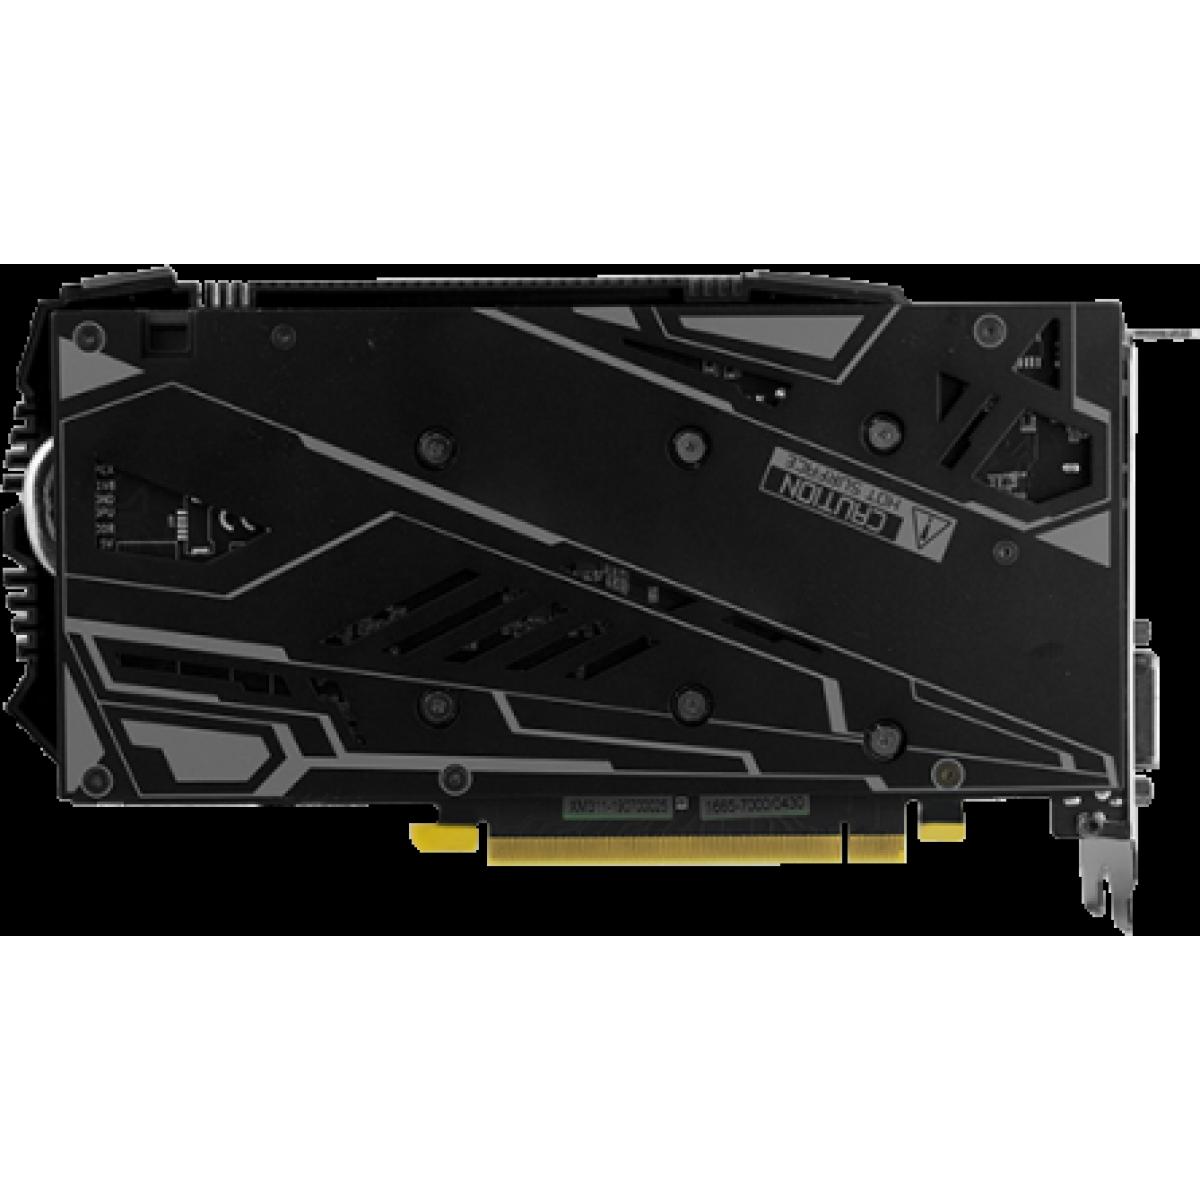 Placa de Vídeo Galax, GeForce, RTX 2060 Super V2, 1-Click OC, 8GB, GDDR6, 256Bit, 26ISL6HP68LD